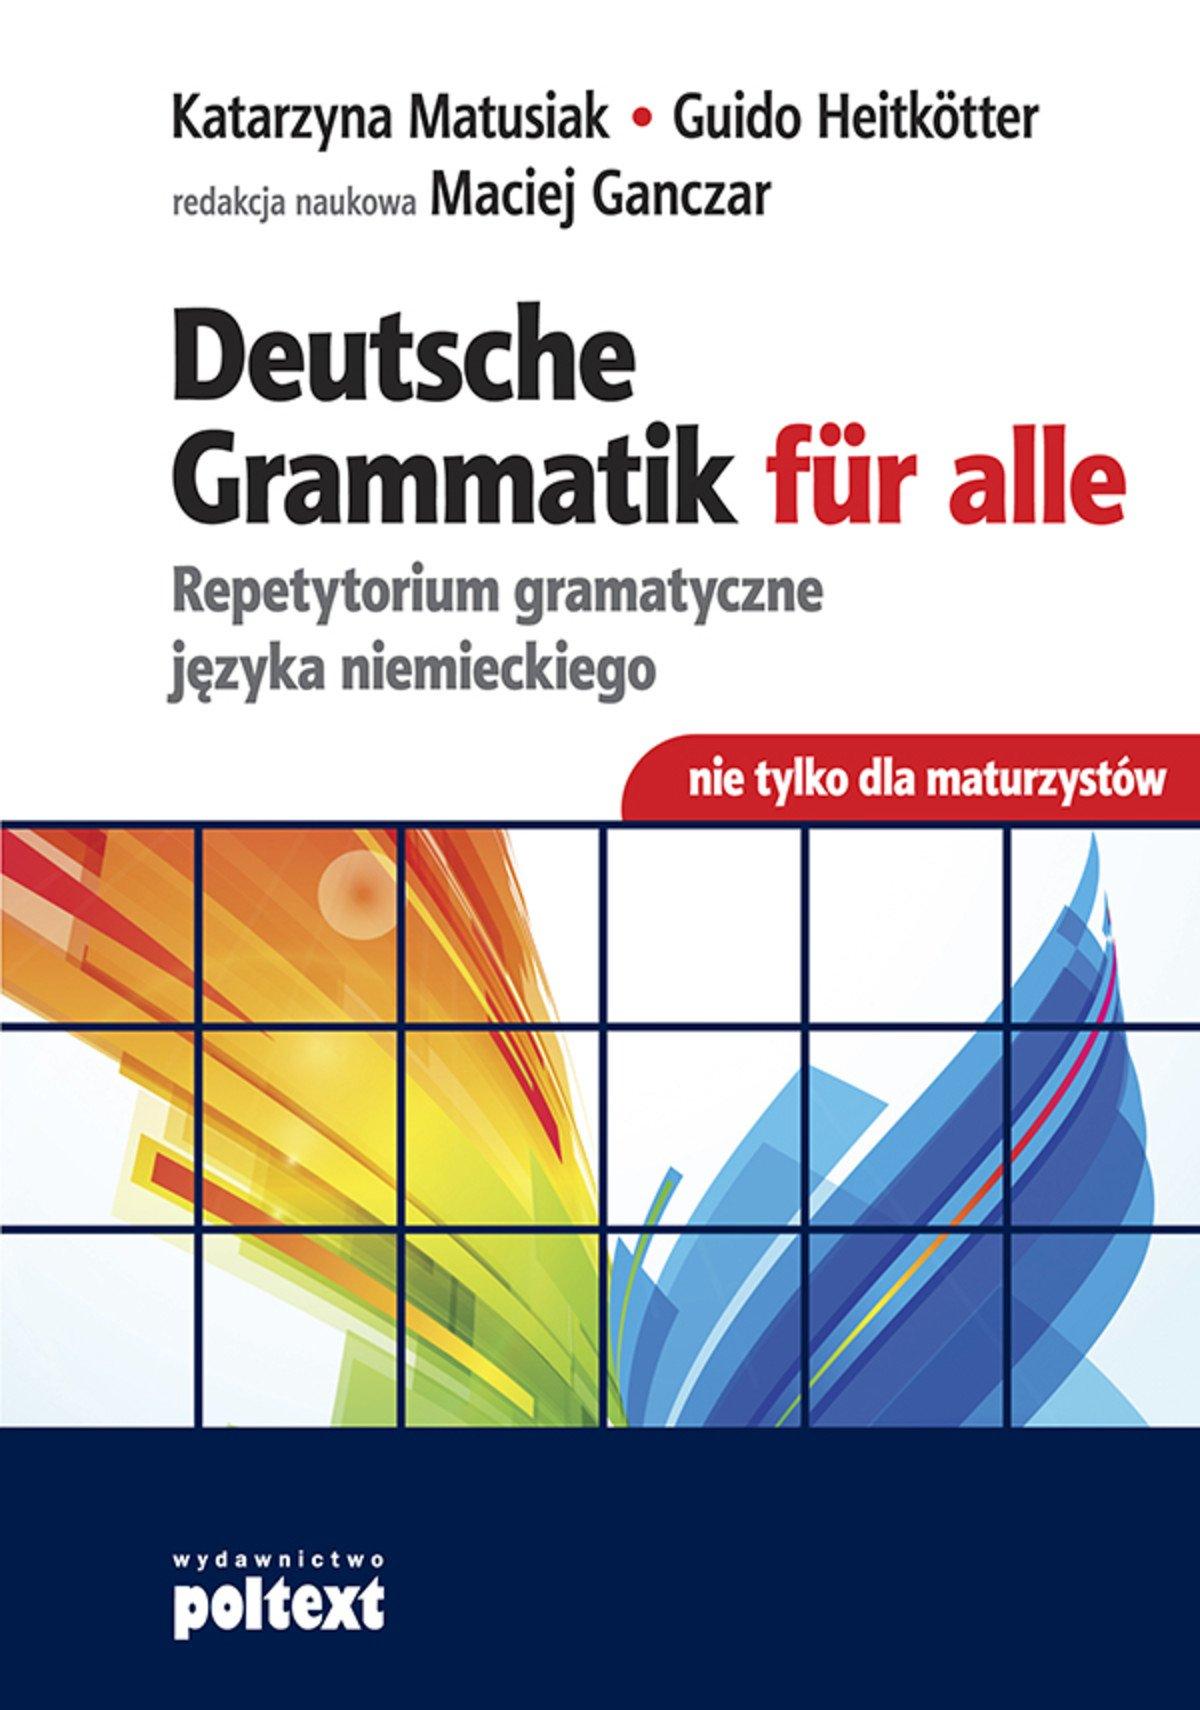 Deutsche Grammatik für alle - Ebook (Książka EPUB) do pobrania w formacie EPUB